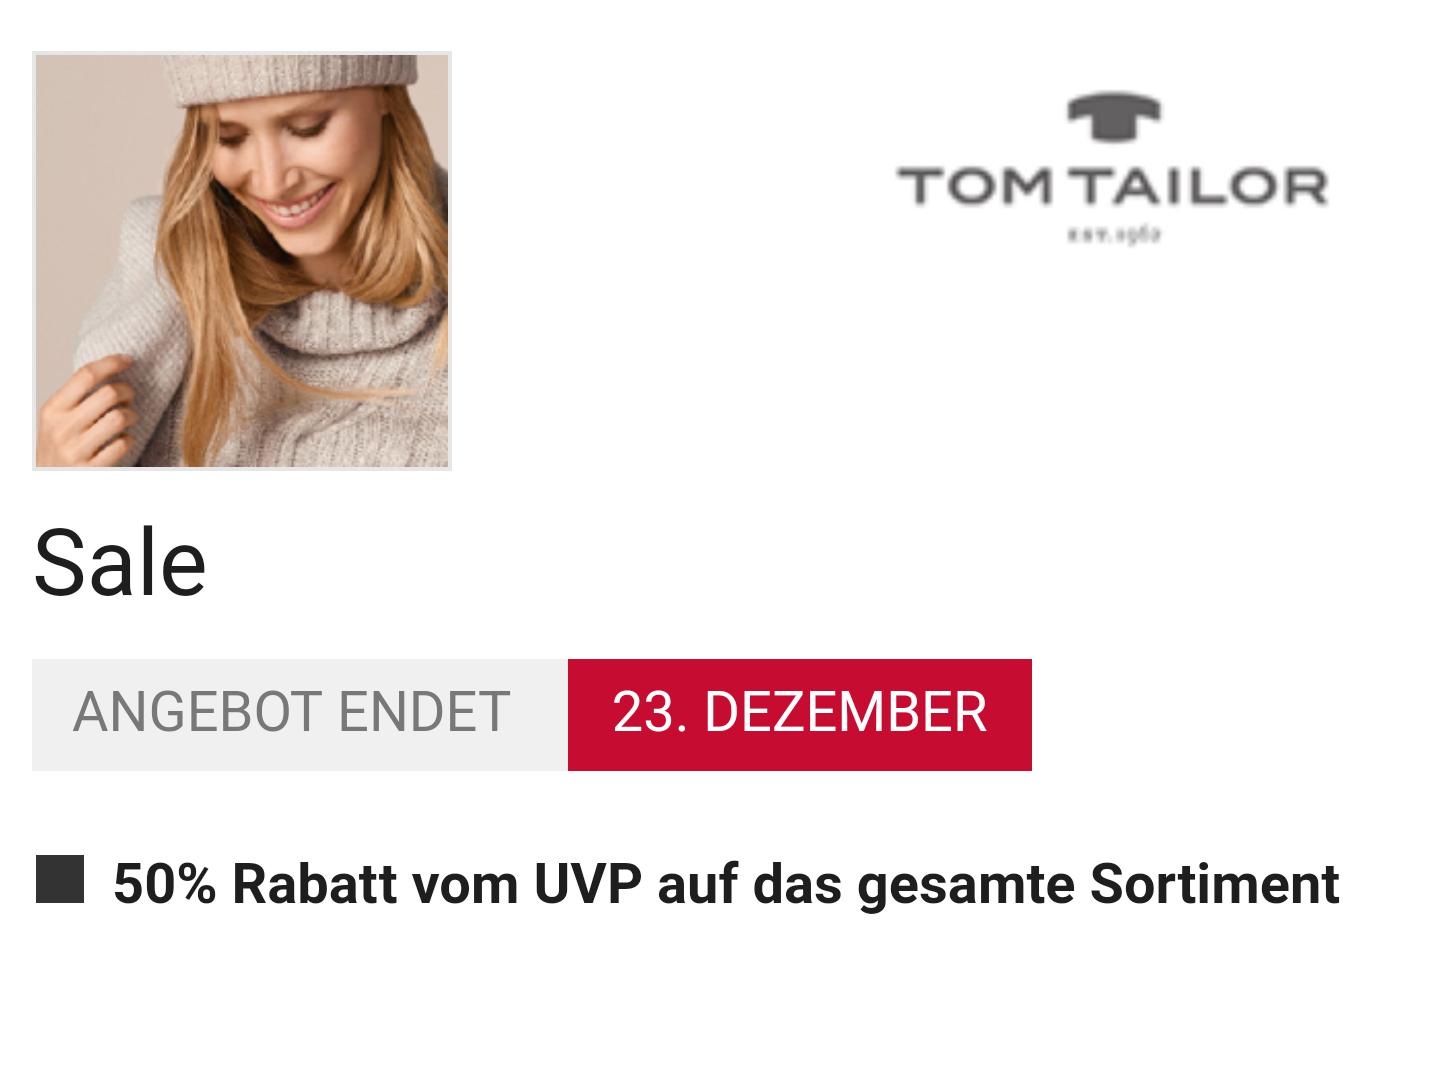 [Lokal/Ochtrup] Tom Tailor 50% Rabatt vom UVP (Gesamtes Sortiment)